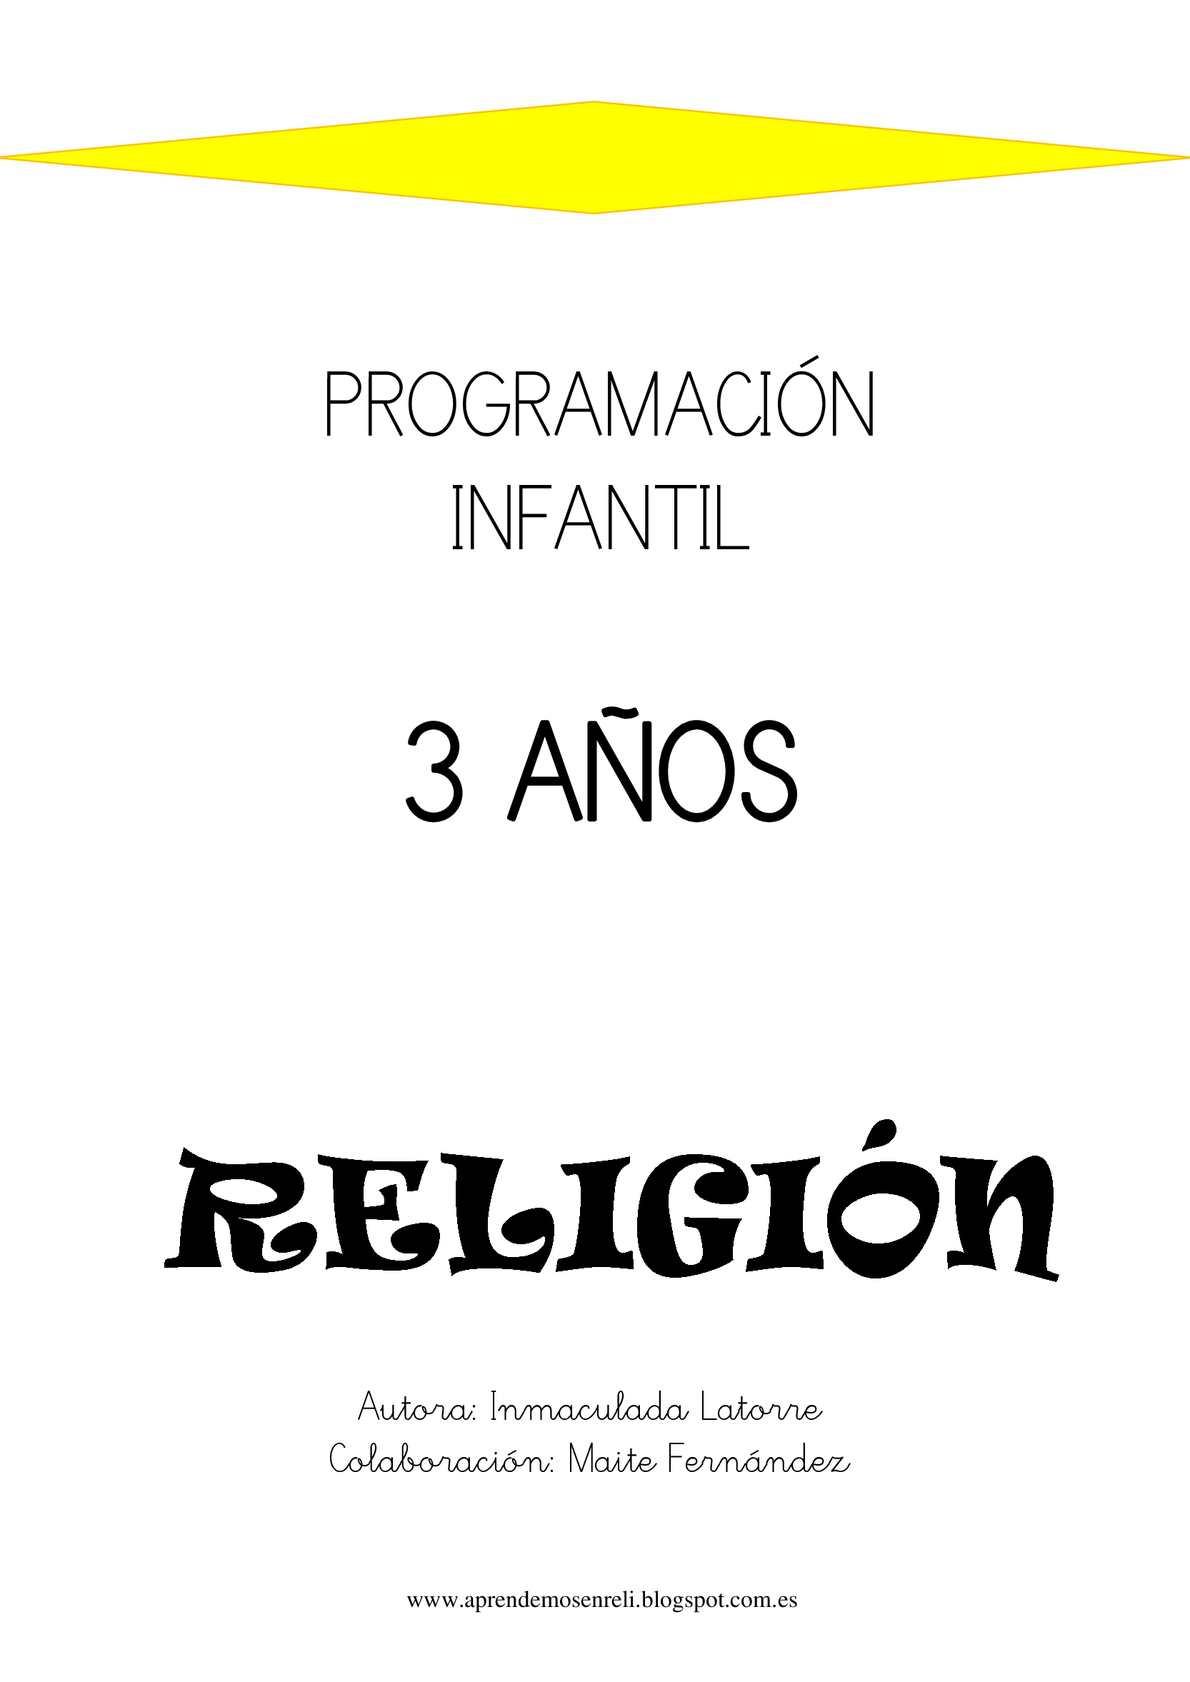 PROGRAMACIÓN INFANTIL RELIGIÓN - 3 AÑOS